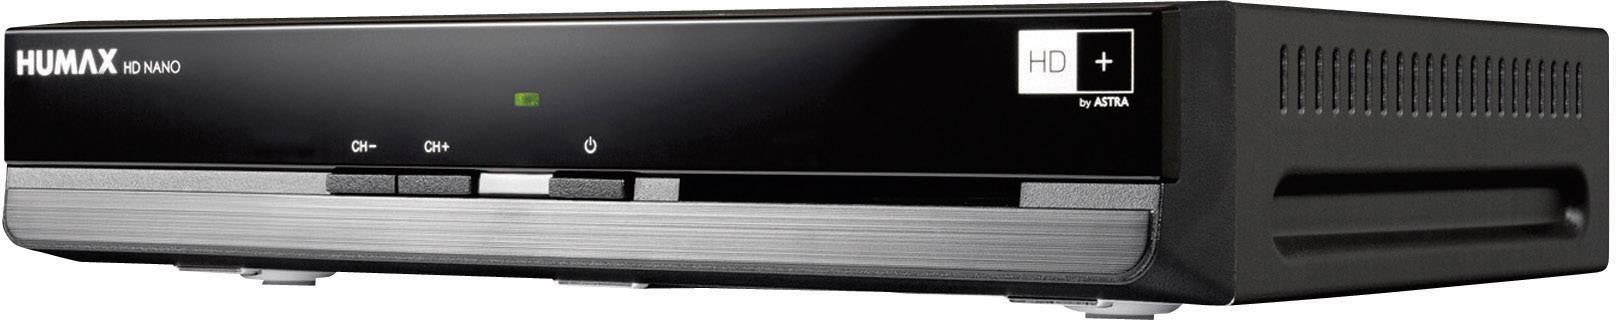 avec c/âble HDMI Conecto inclus HDMI p/éritel DVB-S//S2 Astra pr/éinstall/é Humax HD Nano R/écepteur satellite num/érique HD 1080p HD avec bloc dalimentation 12 V pour camping